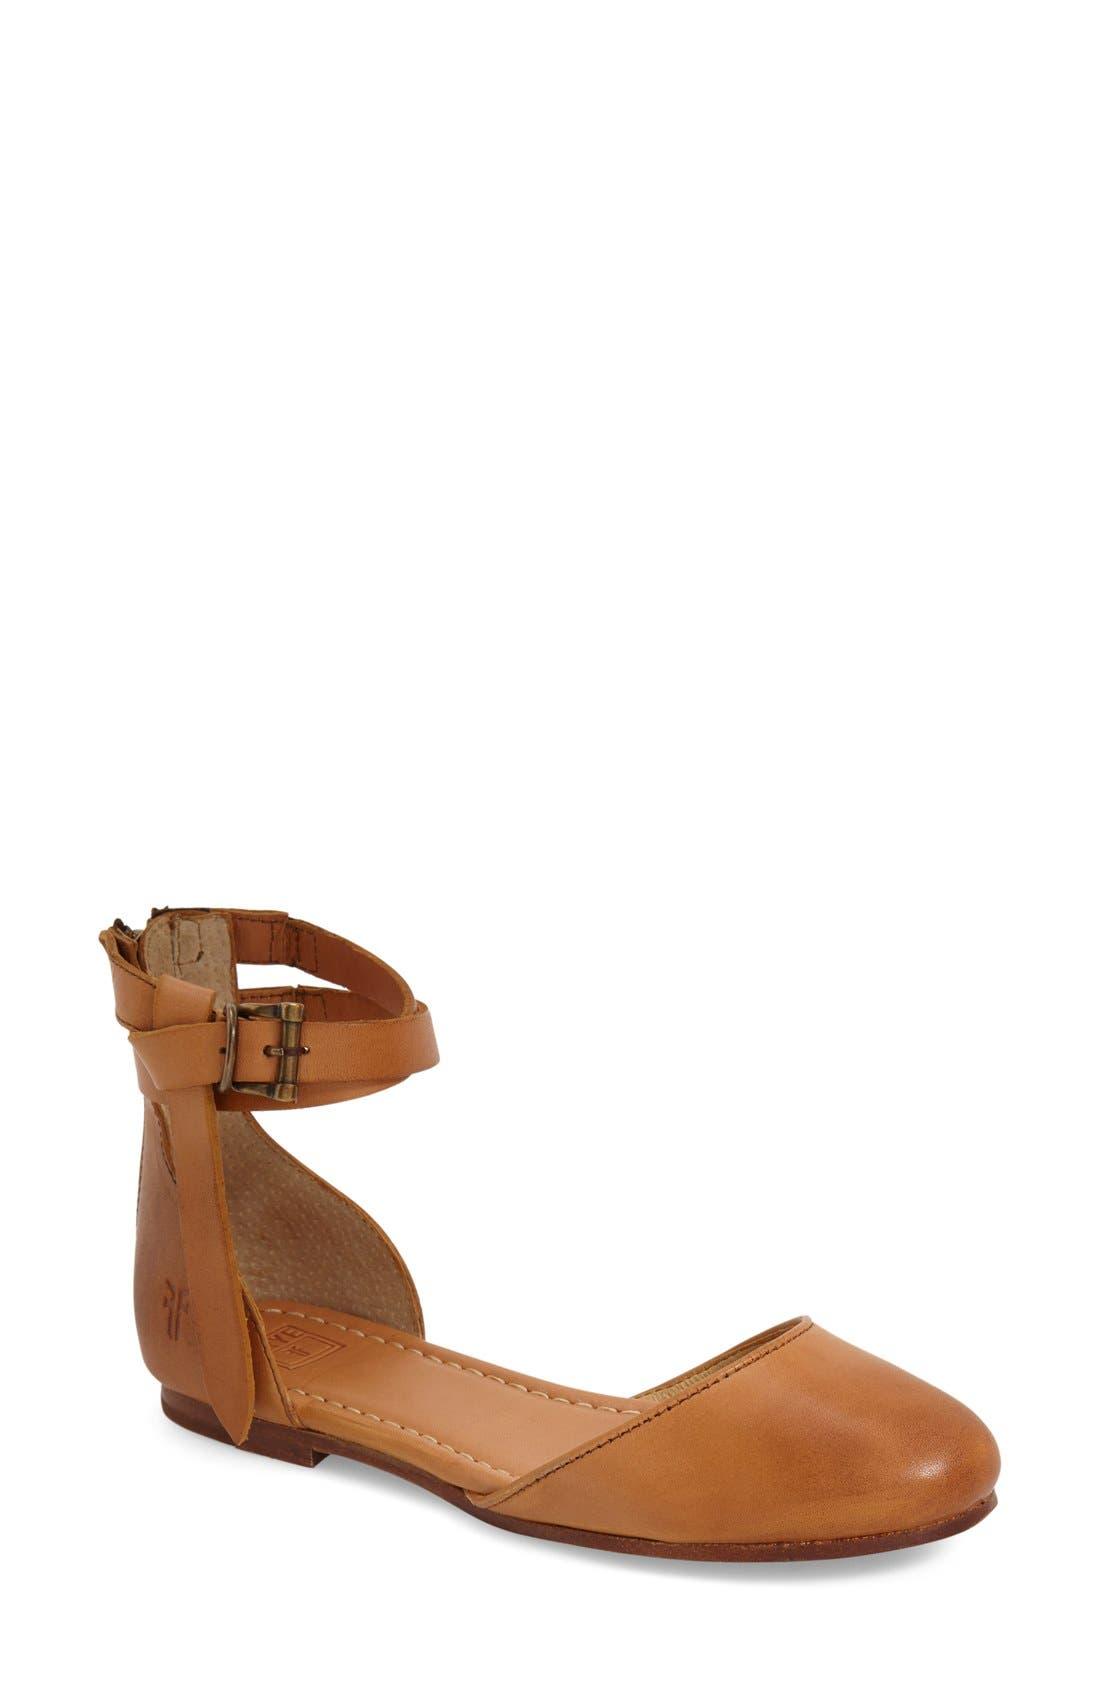 Main Image - Frye 'Carson' Ankle Strap Ballet Flat (Women)